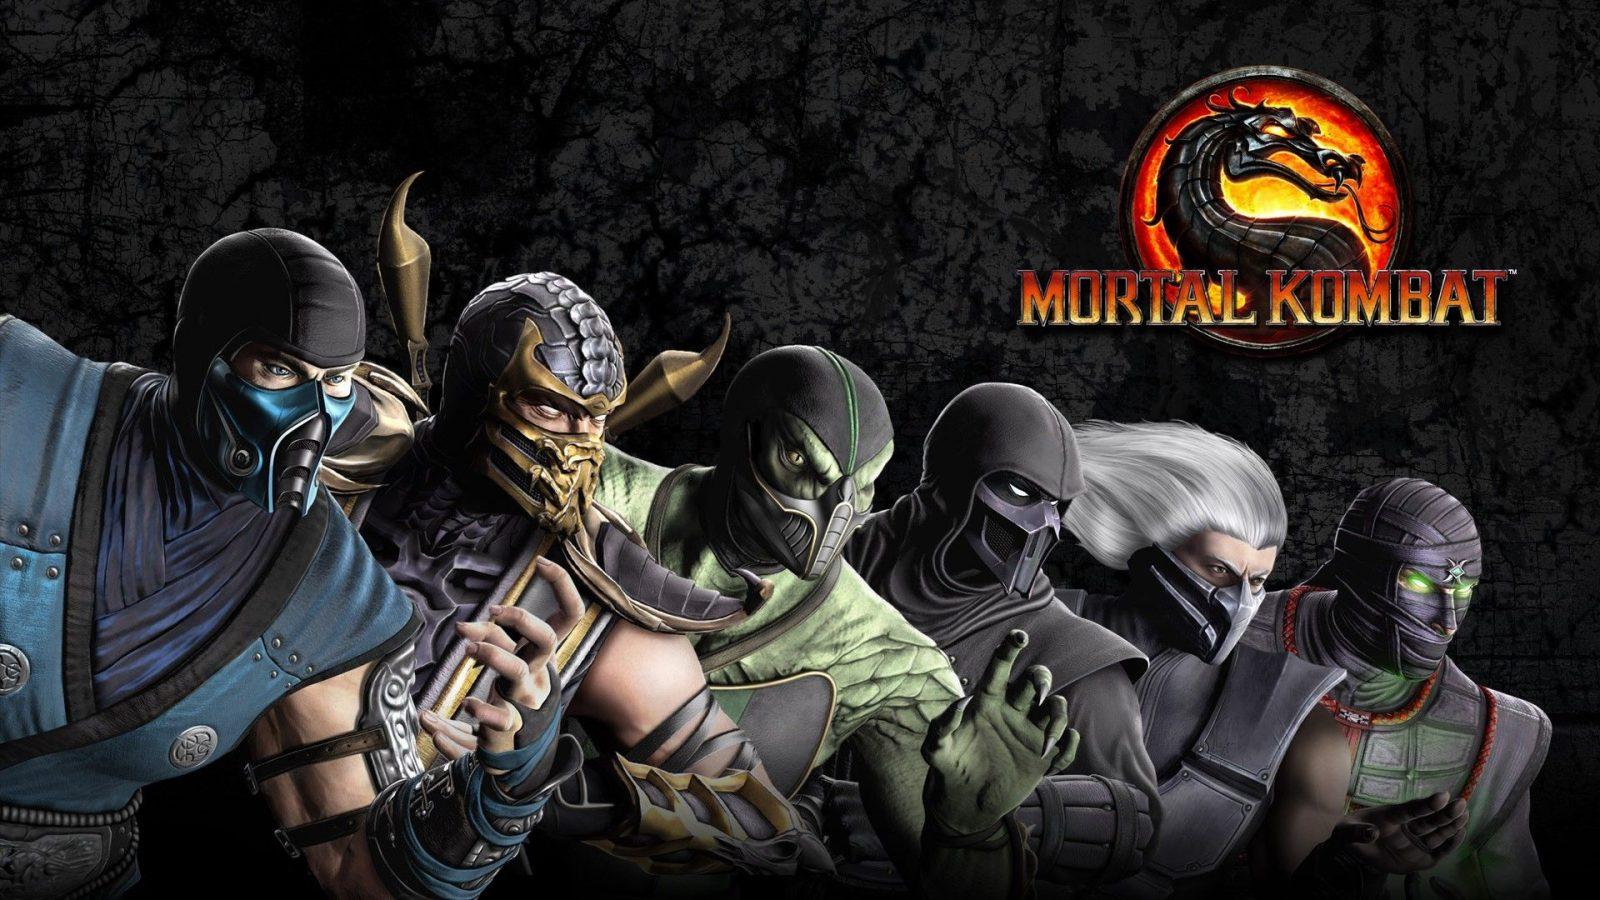 Когда выйдет новый фильм по Mortal Kombat?